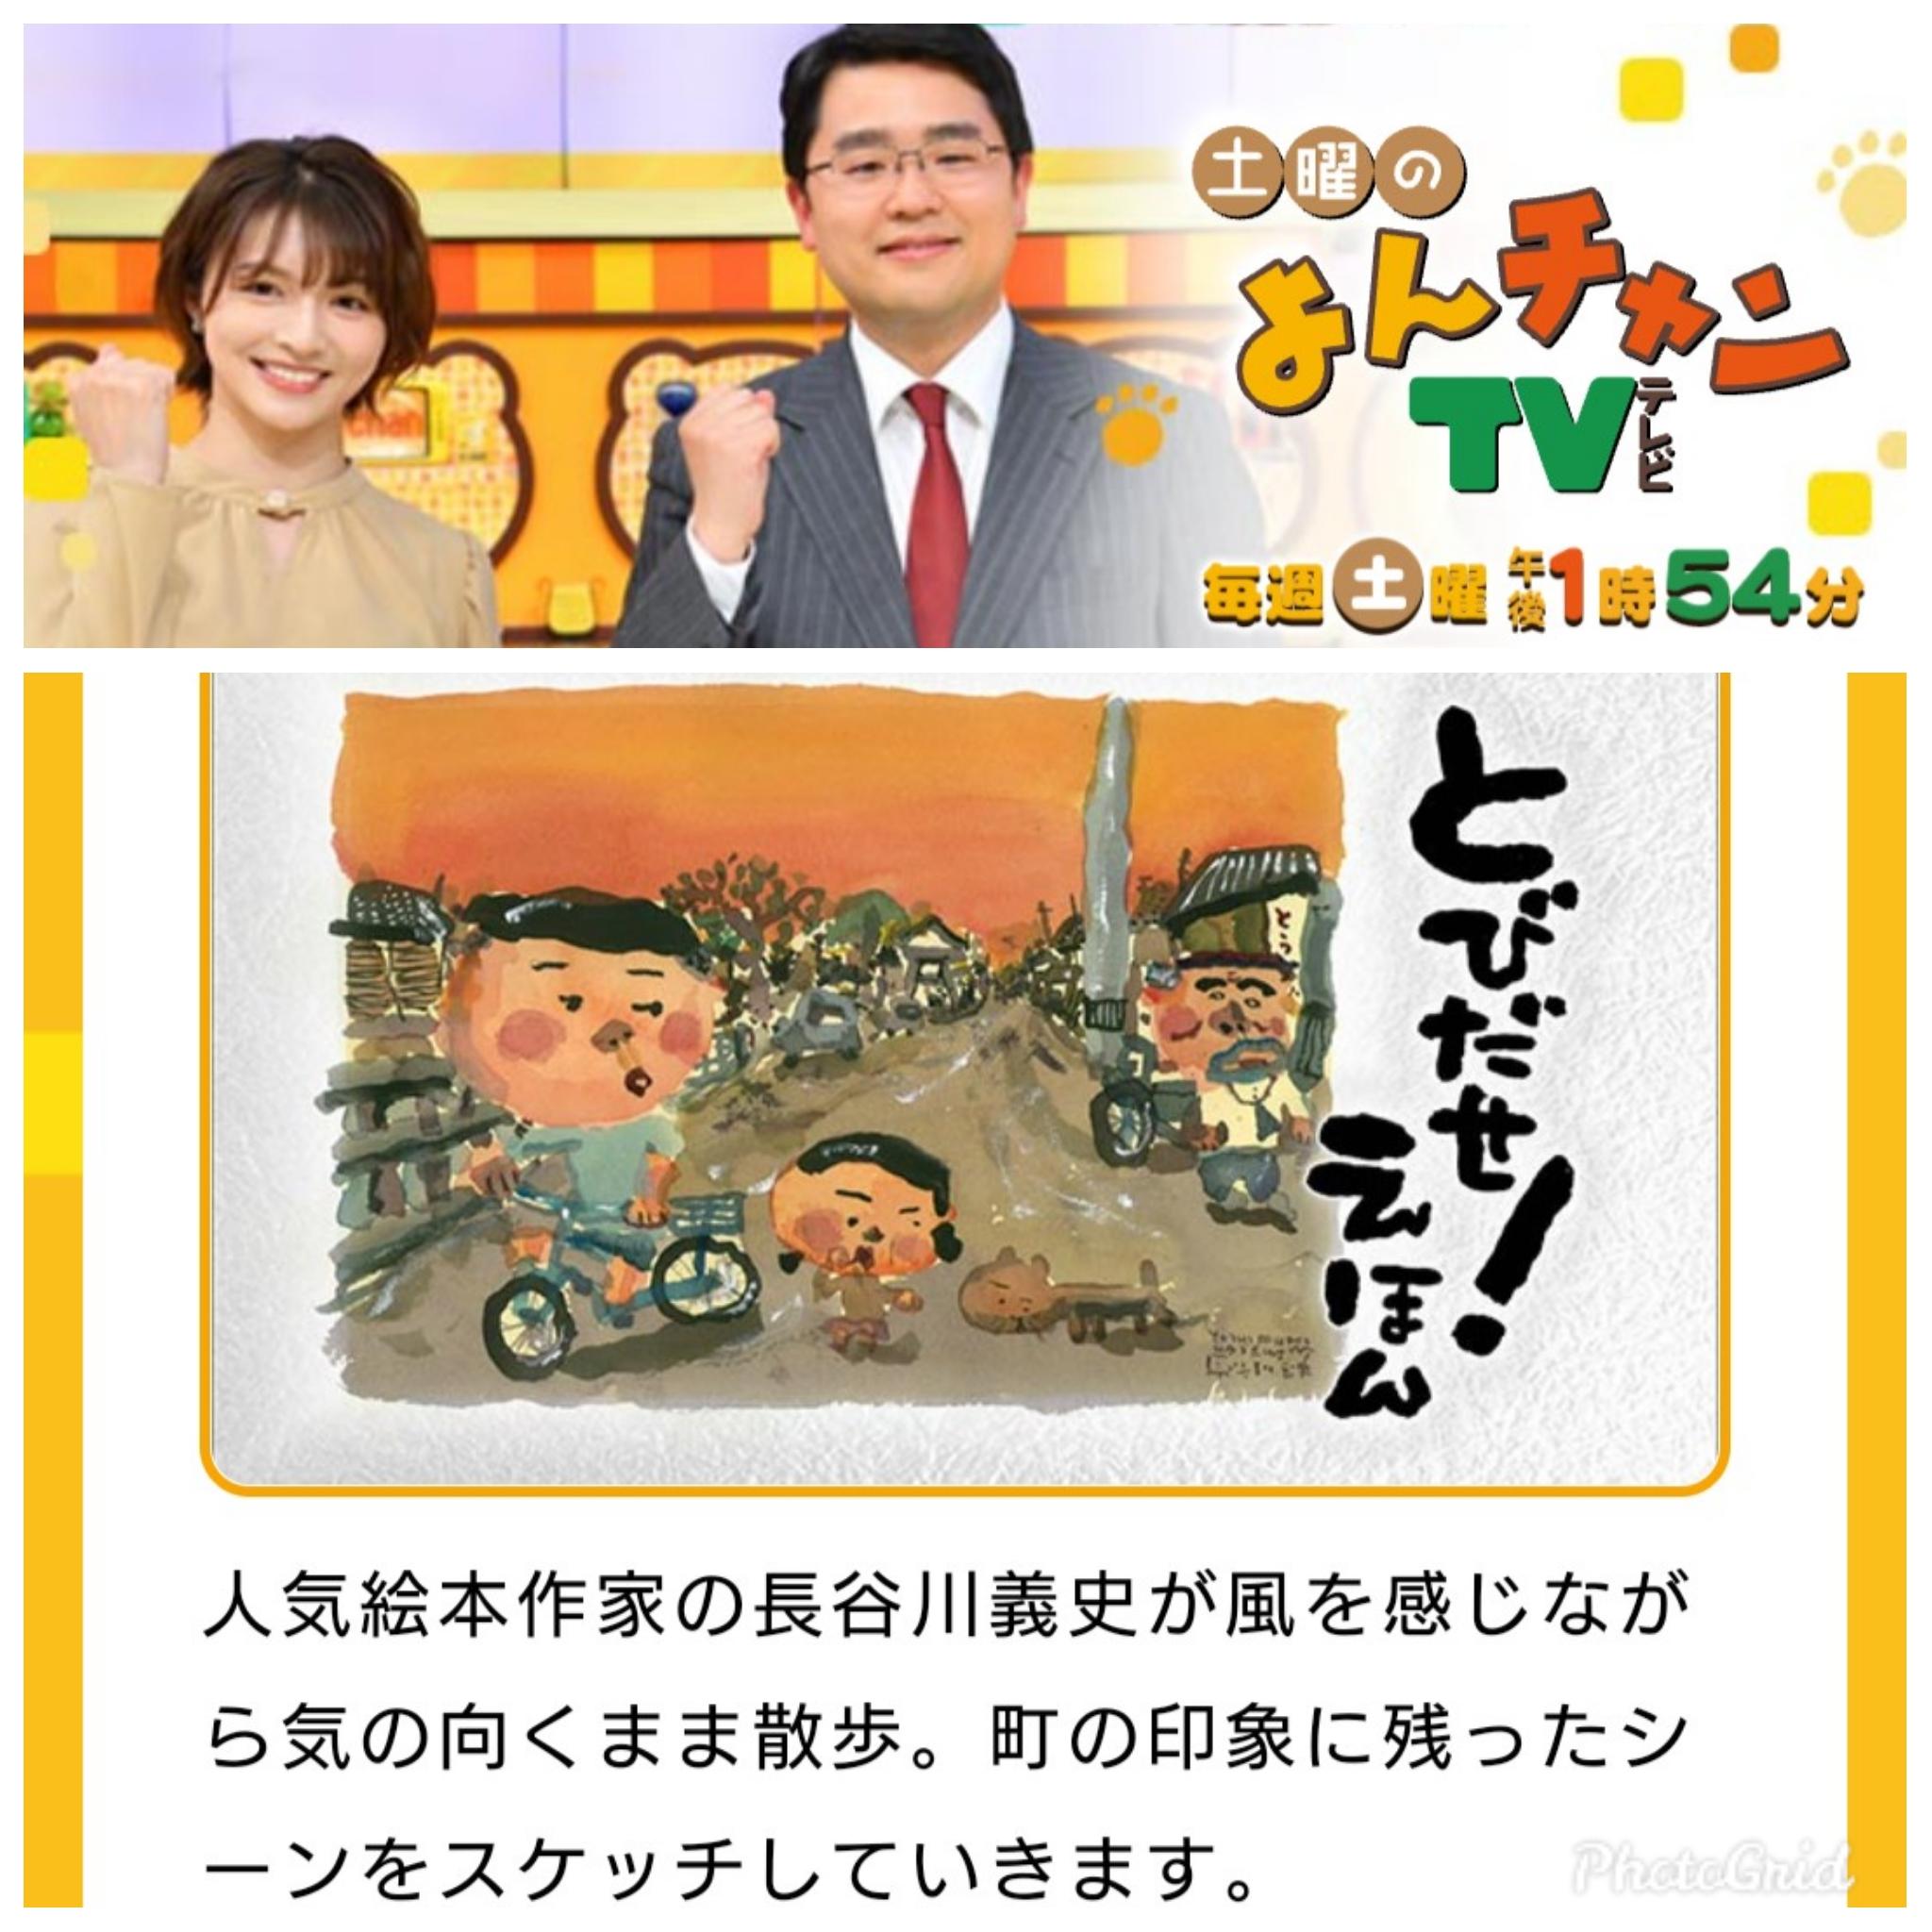 MBS毎日放送「土曜のよんチャンTV」ぜひご覧下さい!